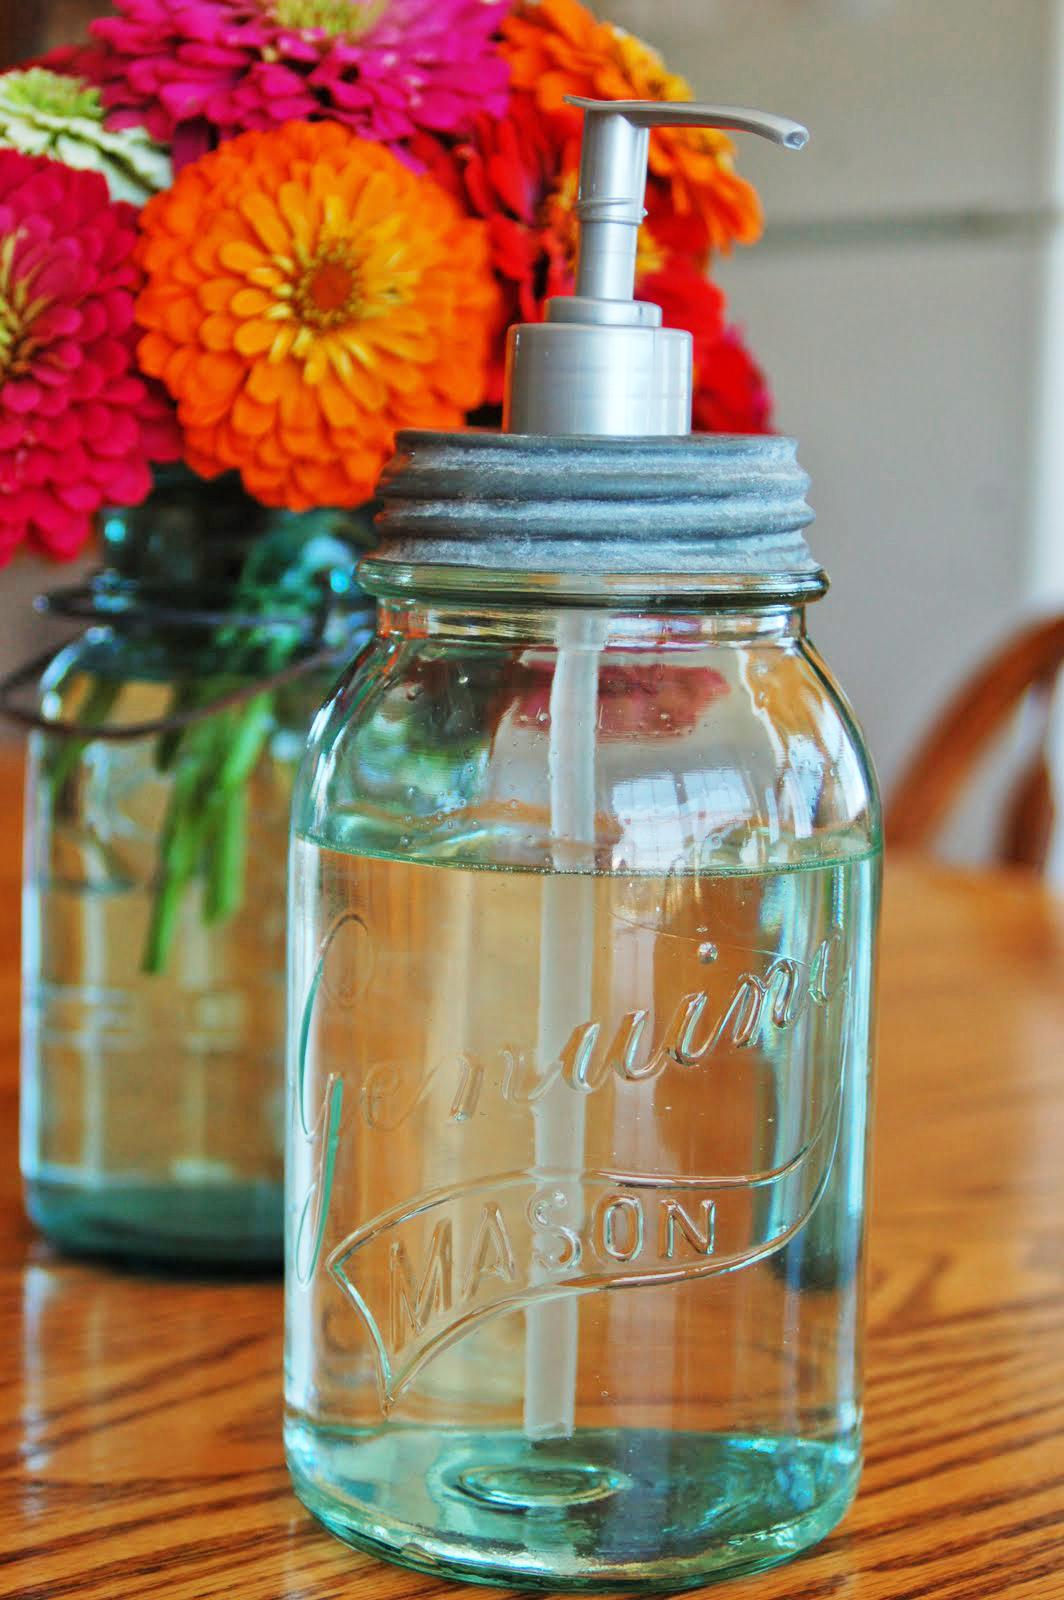 Ben franklin crafts and frame shop inspiration mason jars for Jar crafts